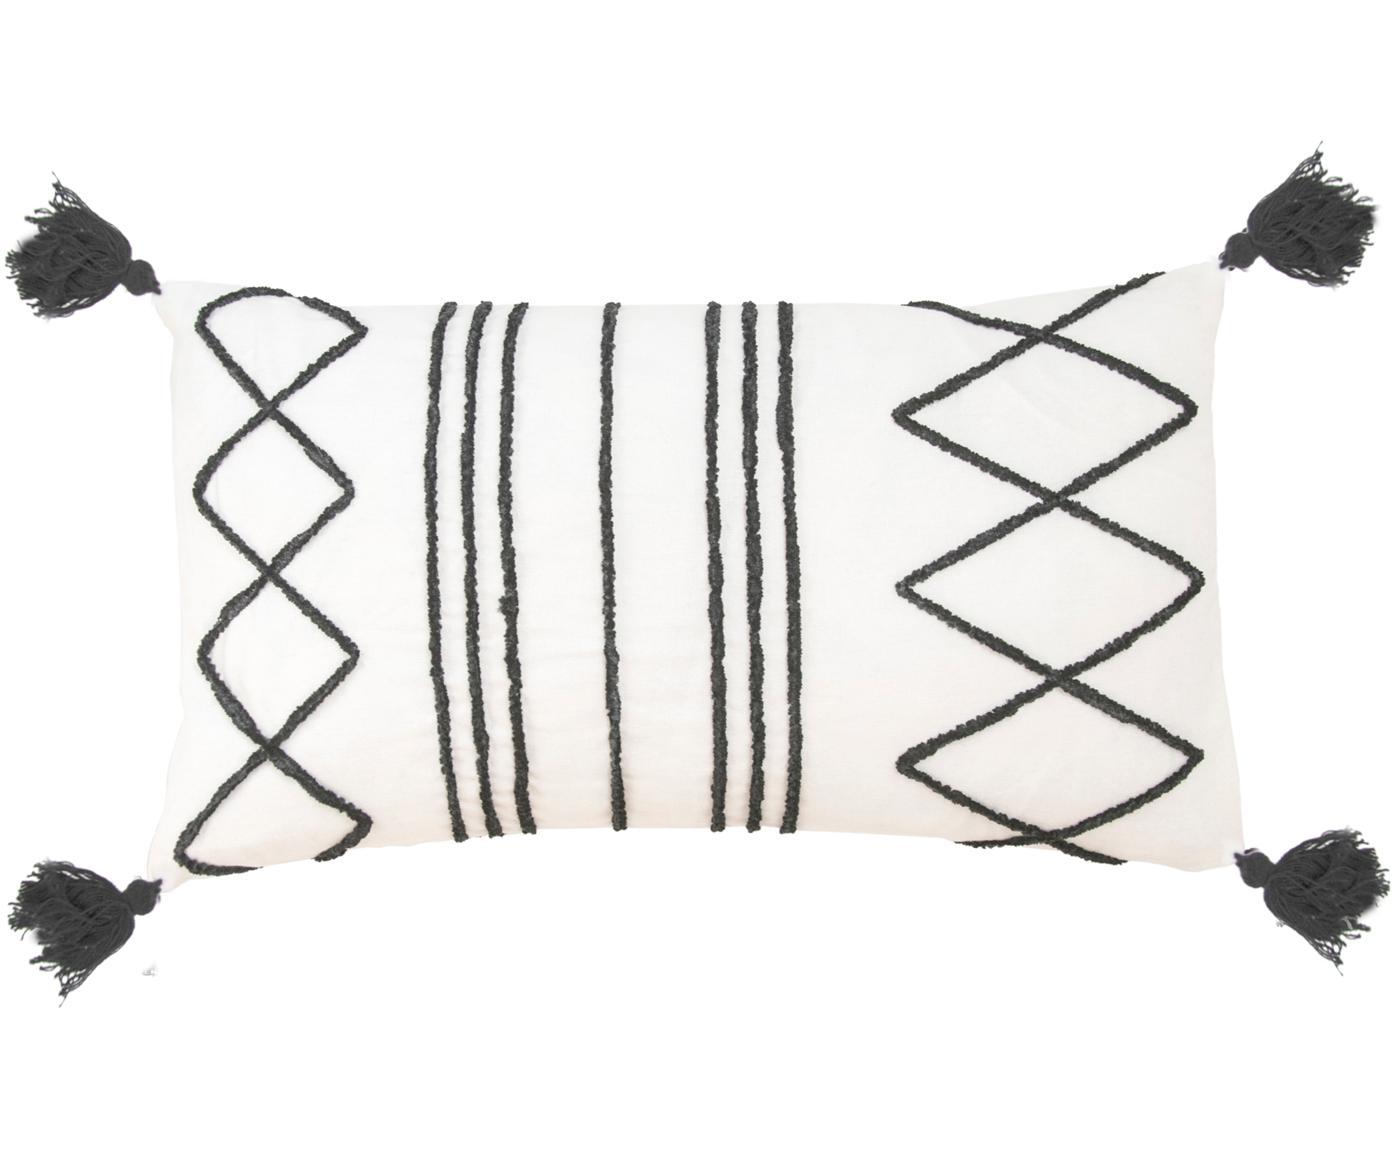 Kussenhoes Istanbul met hoog-laag patroon van chenille en kwastjes, Katoen, Wit, zwart, 30 x 50 cm